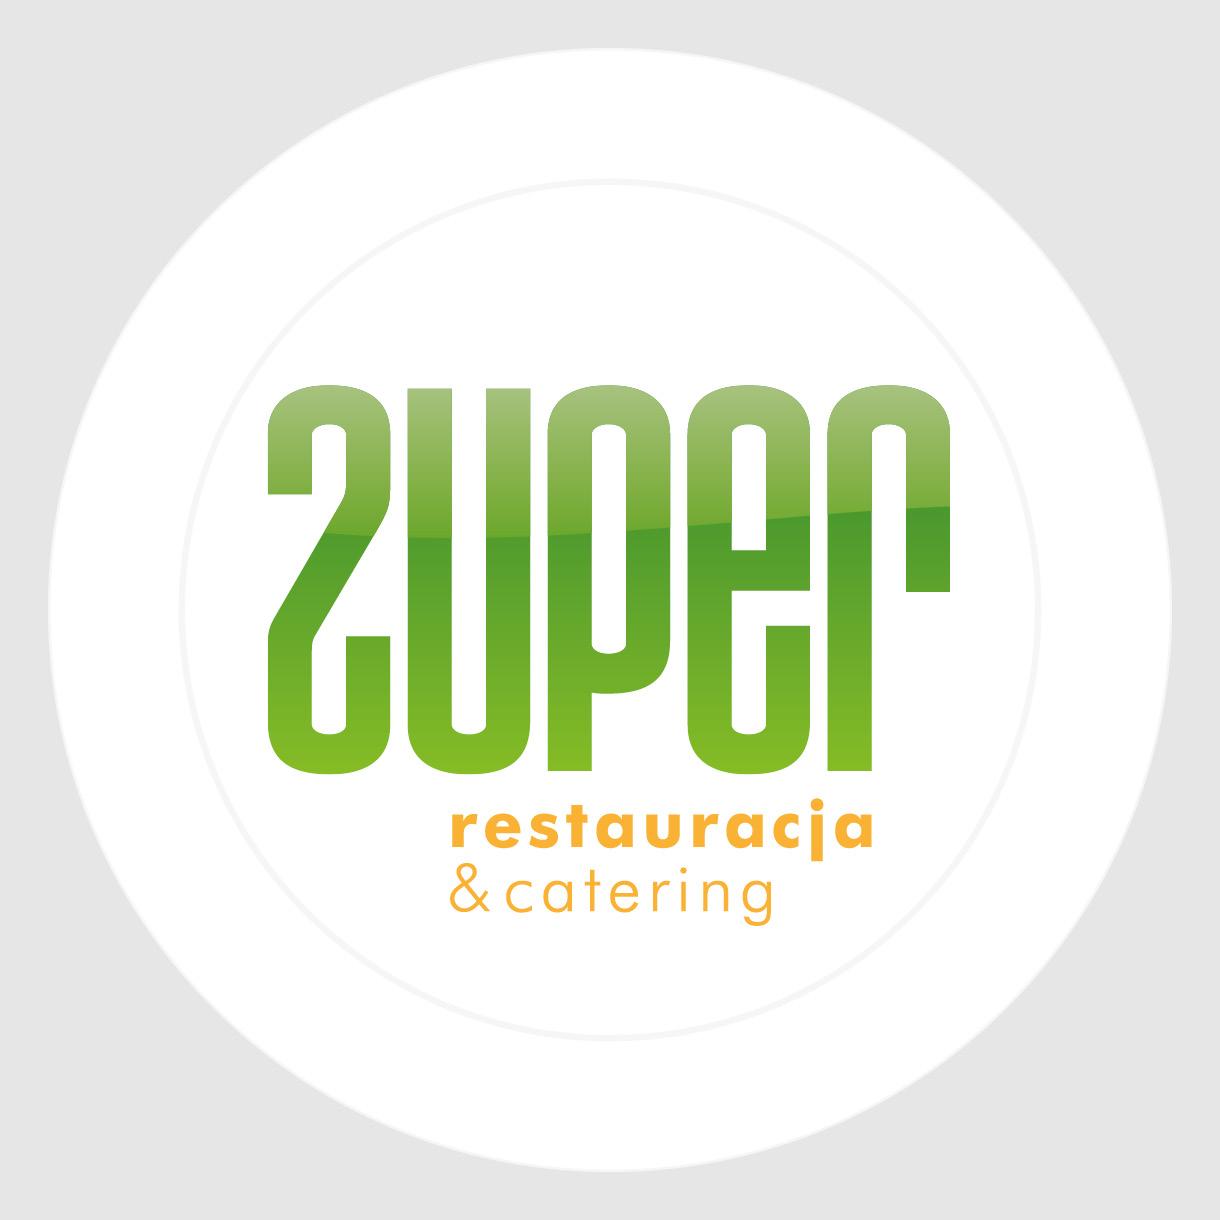 zuper - logo